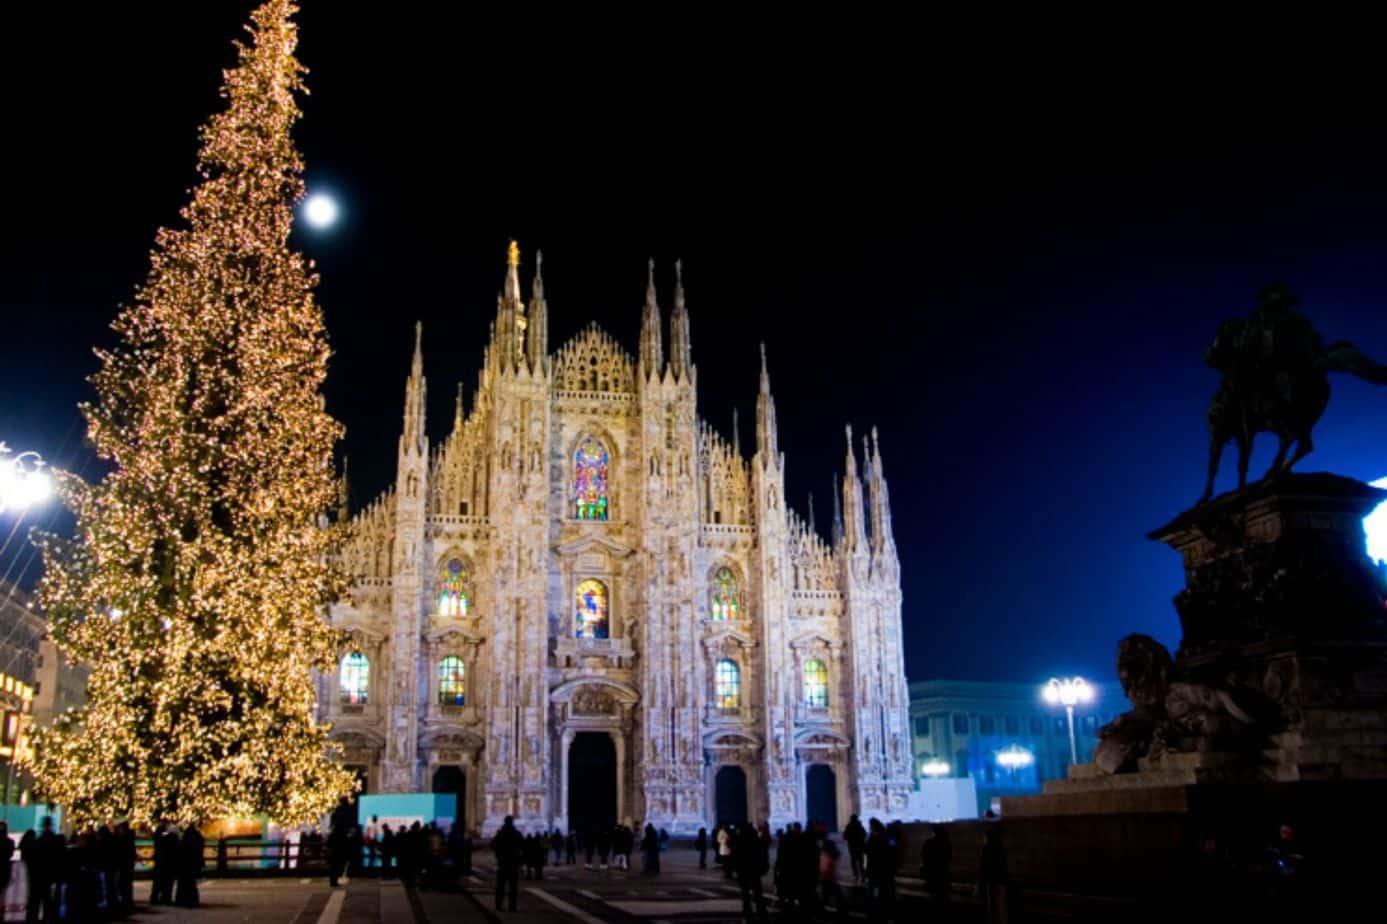 Albero Di Natale 2020.Il Natale 2020 A Milano All Insegna Di Solidarieta E Ripartenza